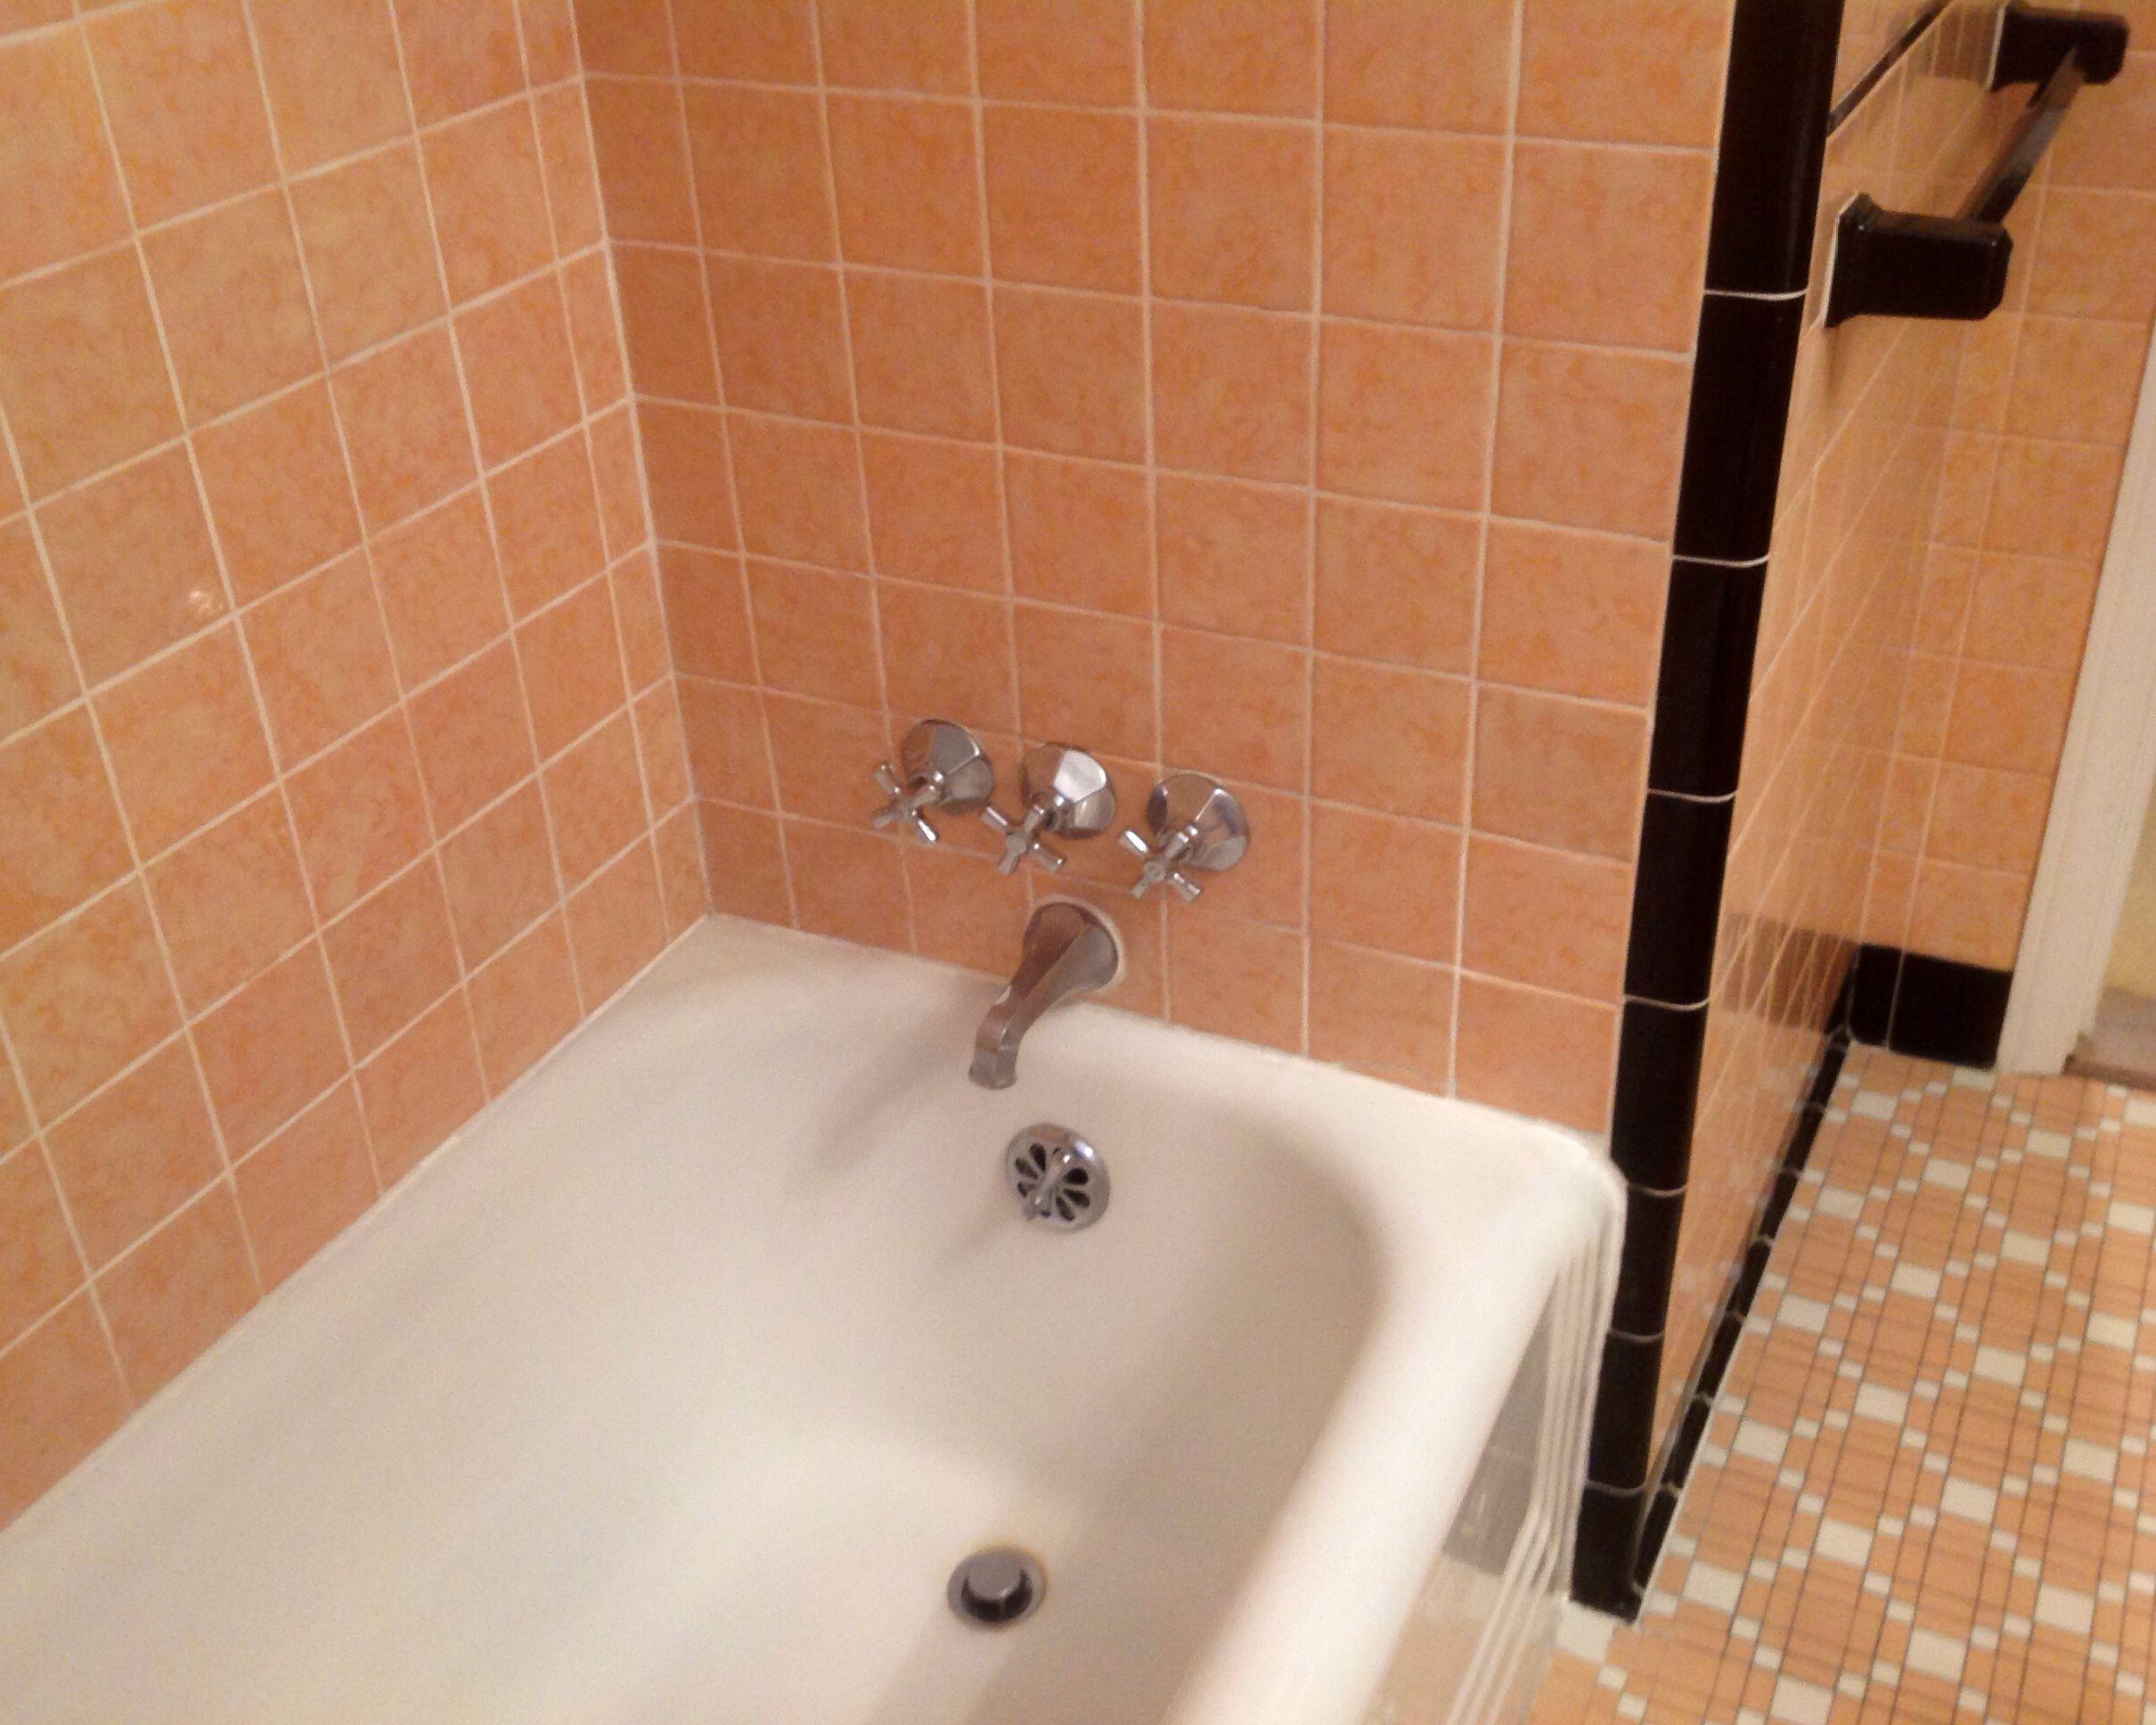 Peach bathroom ideas home design ideas and pictures for Peach tile bathroom ideas